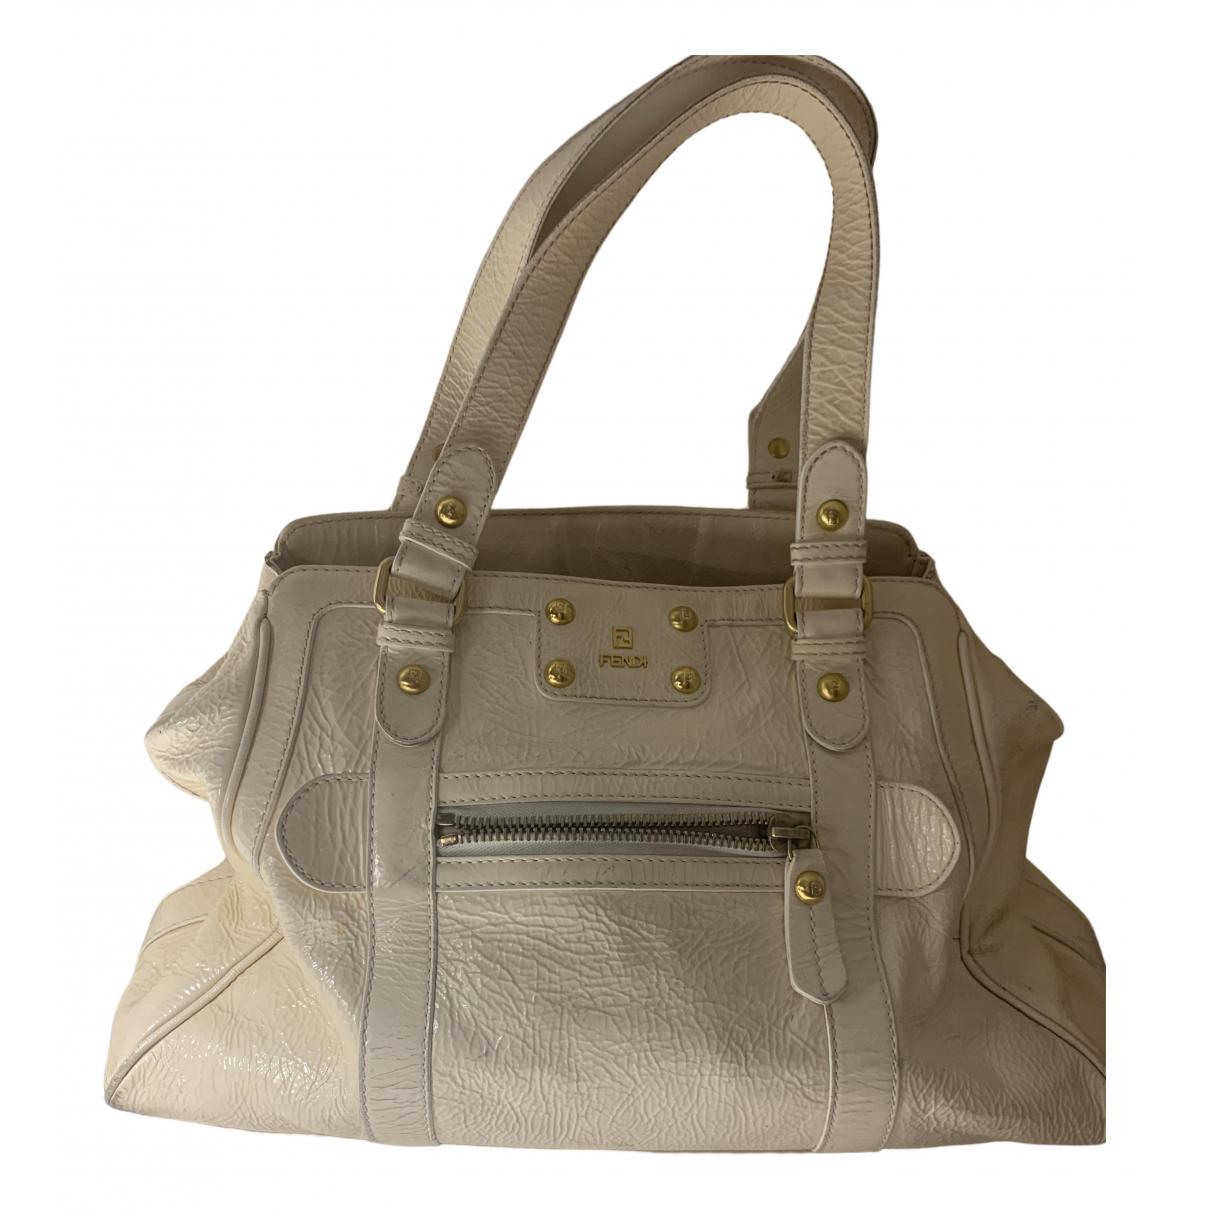 Fendi \N White Patent leather handbag for Women \N